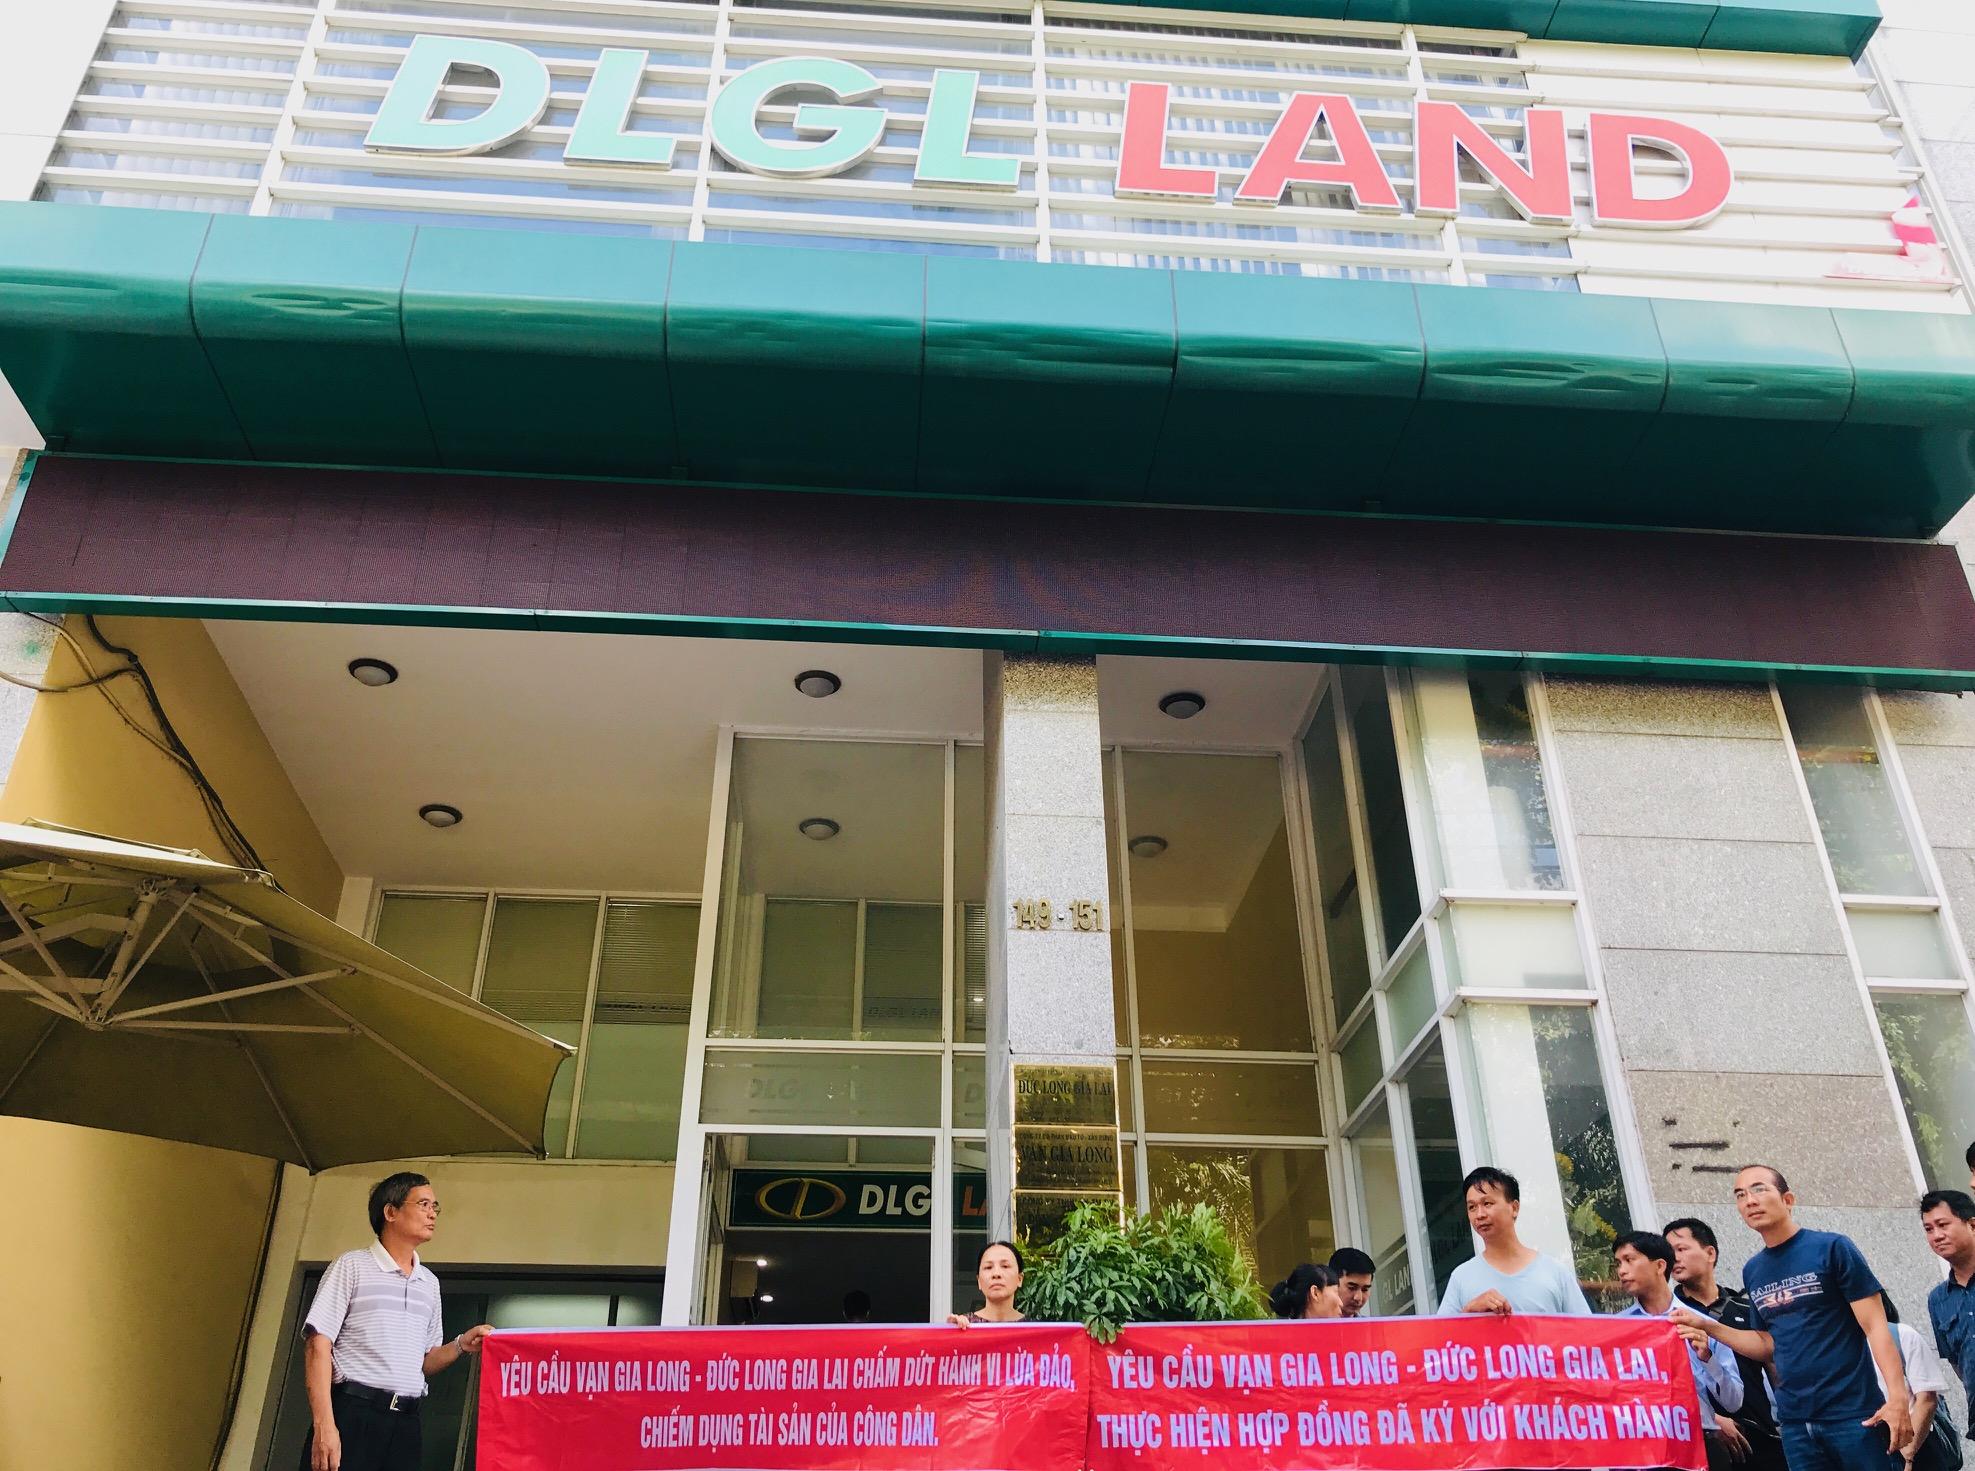 Đến trụ sở Đức Long Gia Lai Land đòi quyền lợi, một thai phụ bị nhốt trong tháng máy? - Ảnh 4